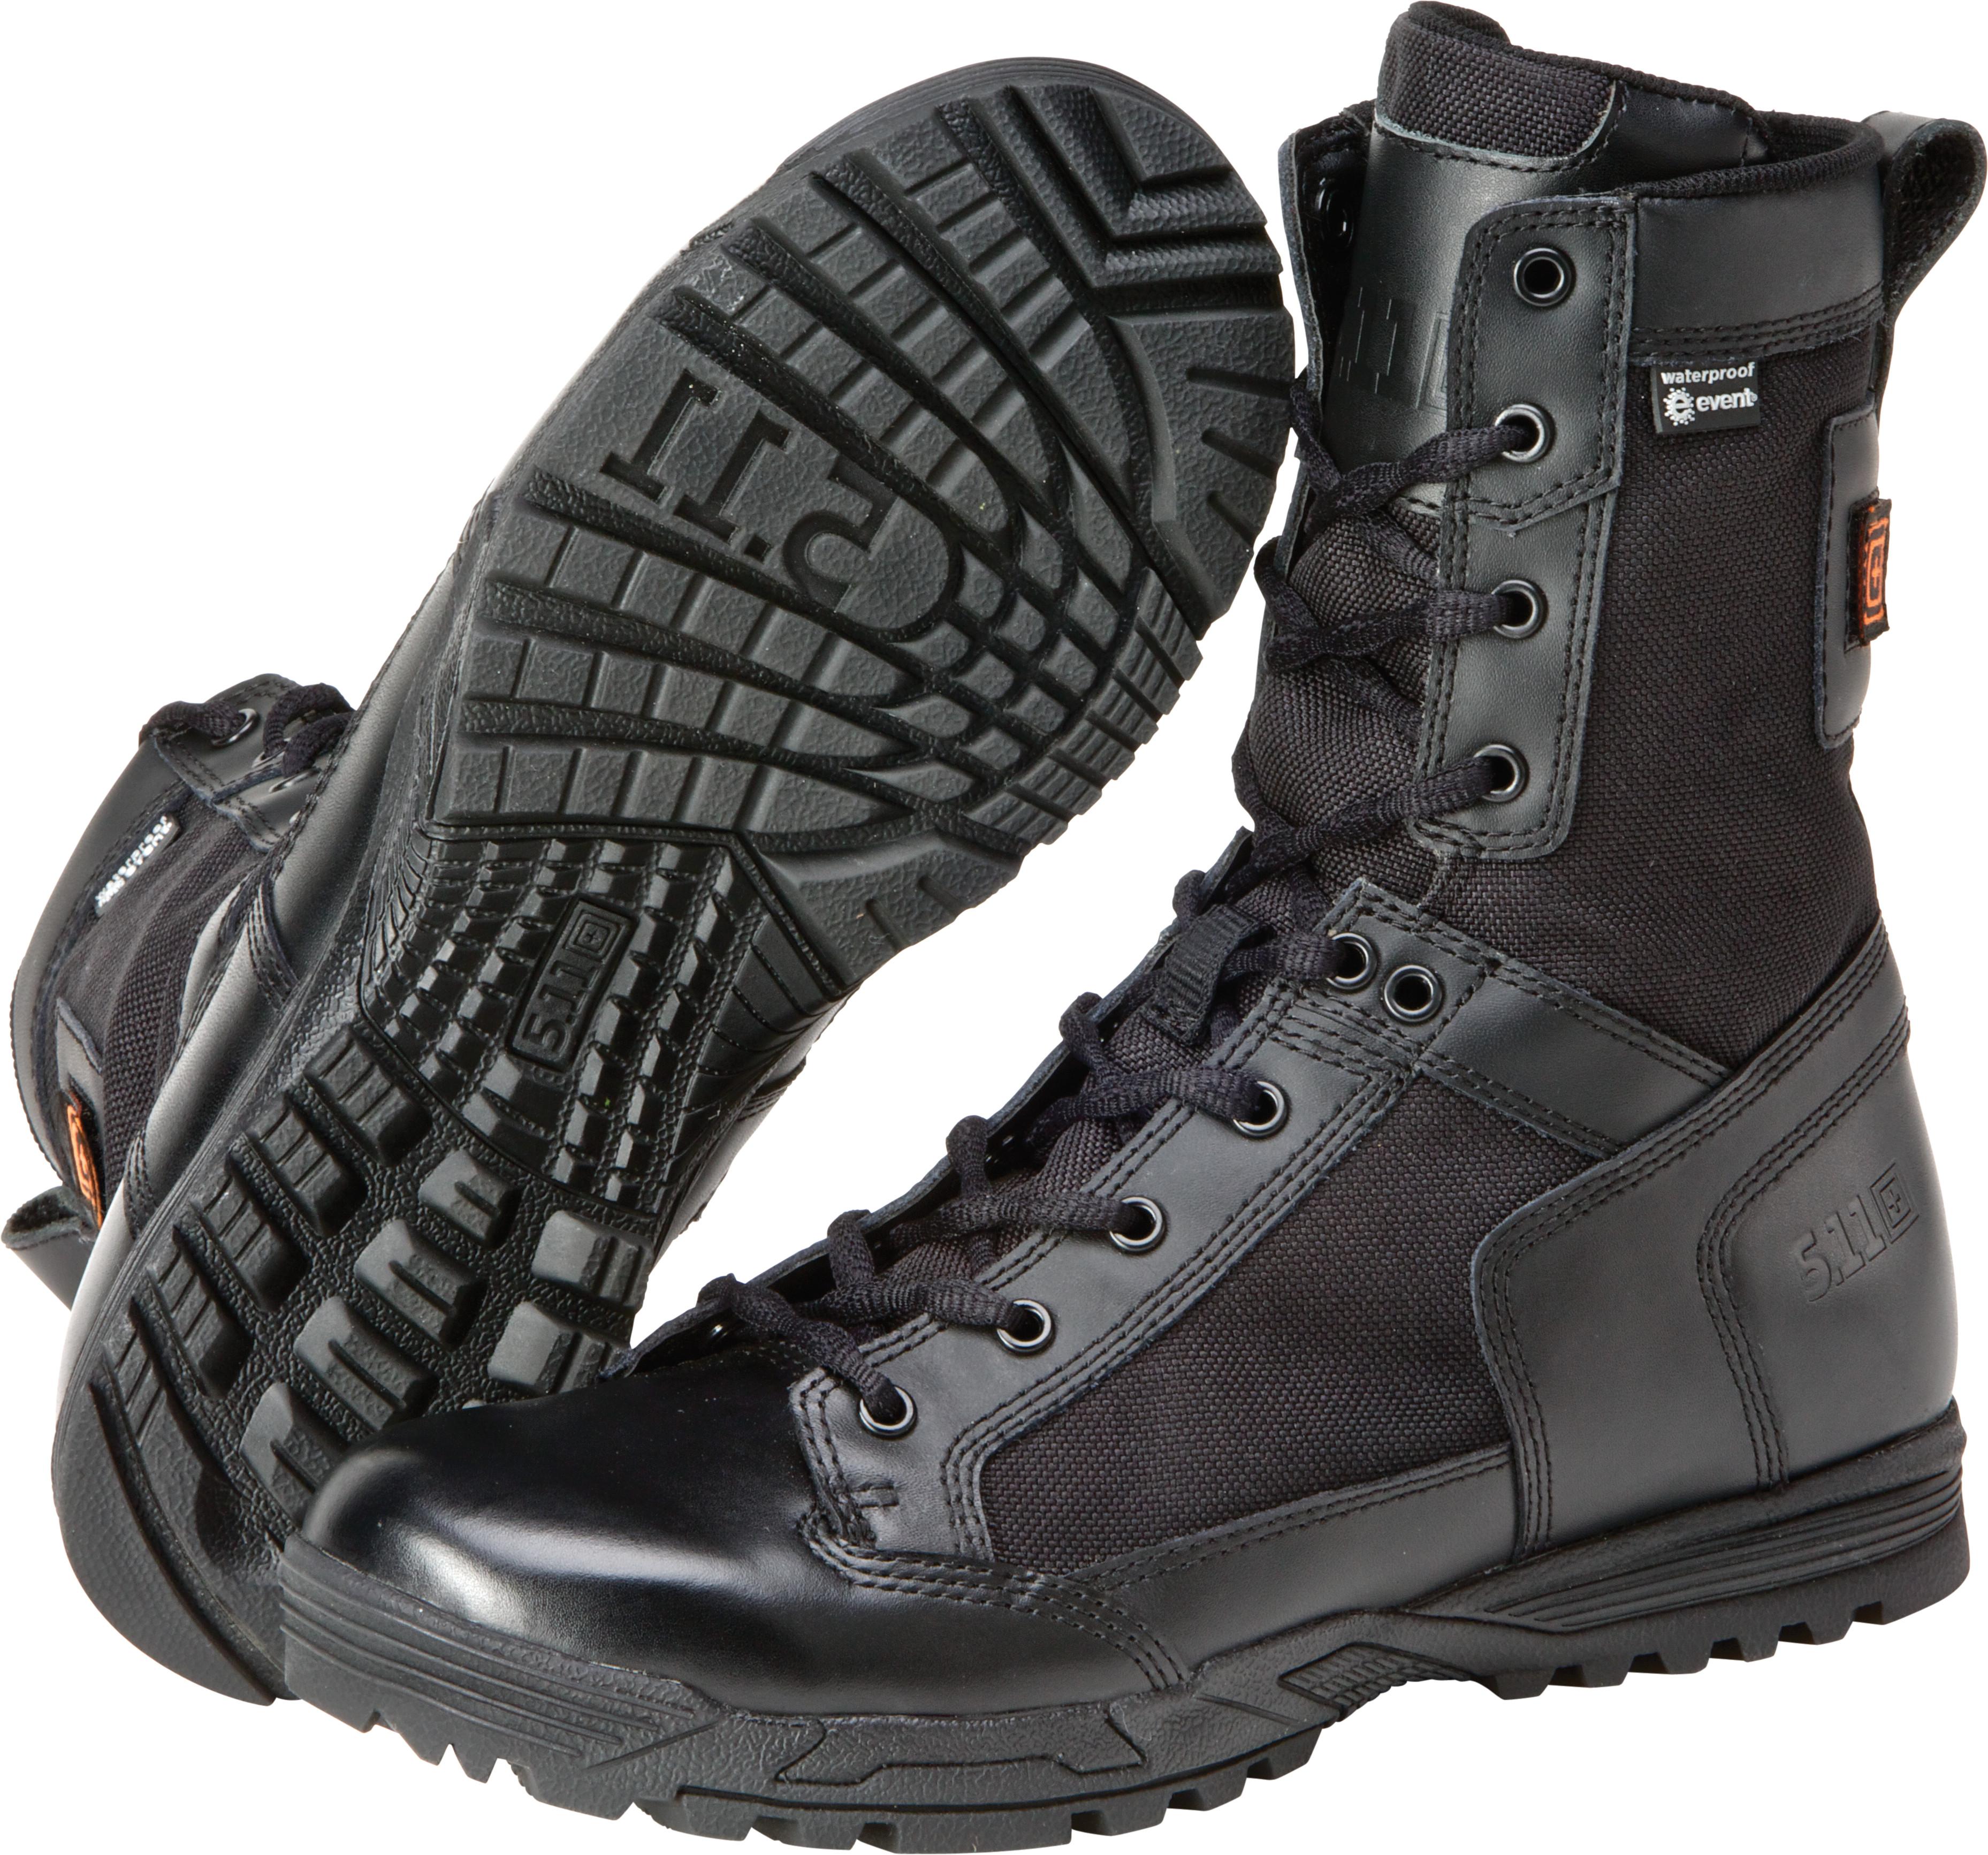 Skyweight Waterproof Side Zip Boot Footwear Tactical